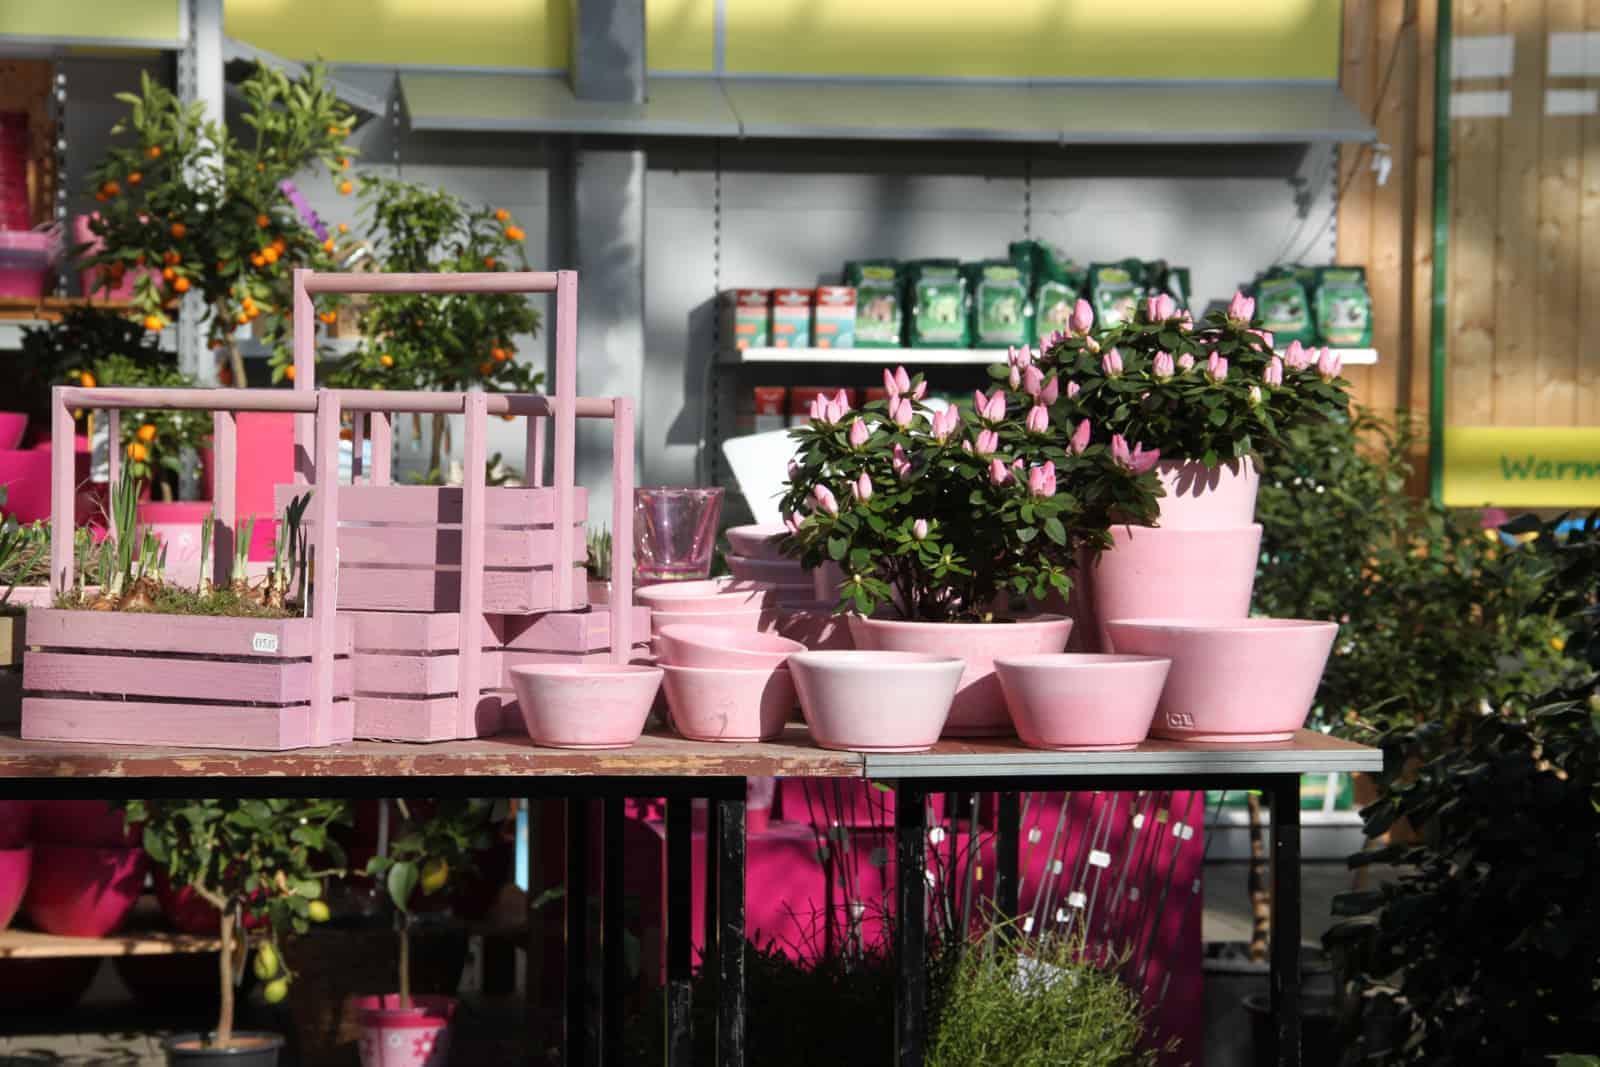 Gartencenter Schmitz toepfe zubehoer große bäume kaufen